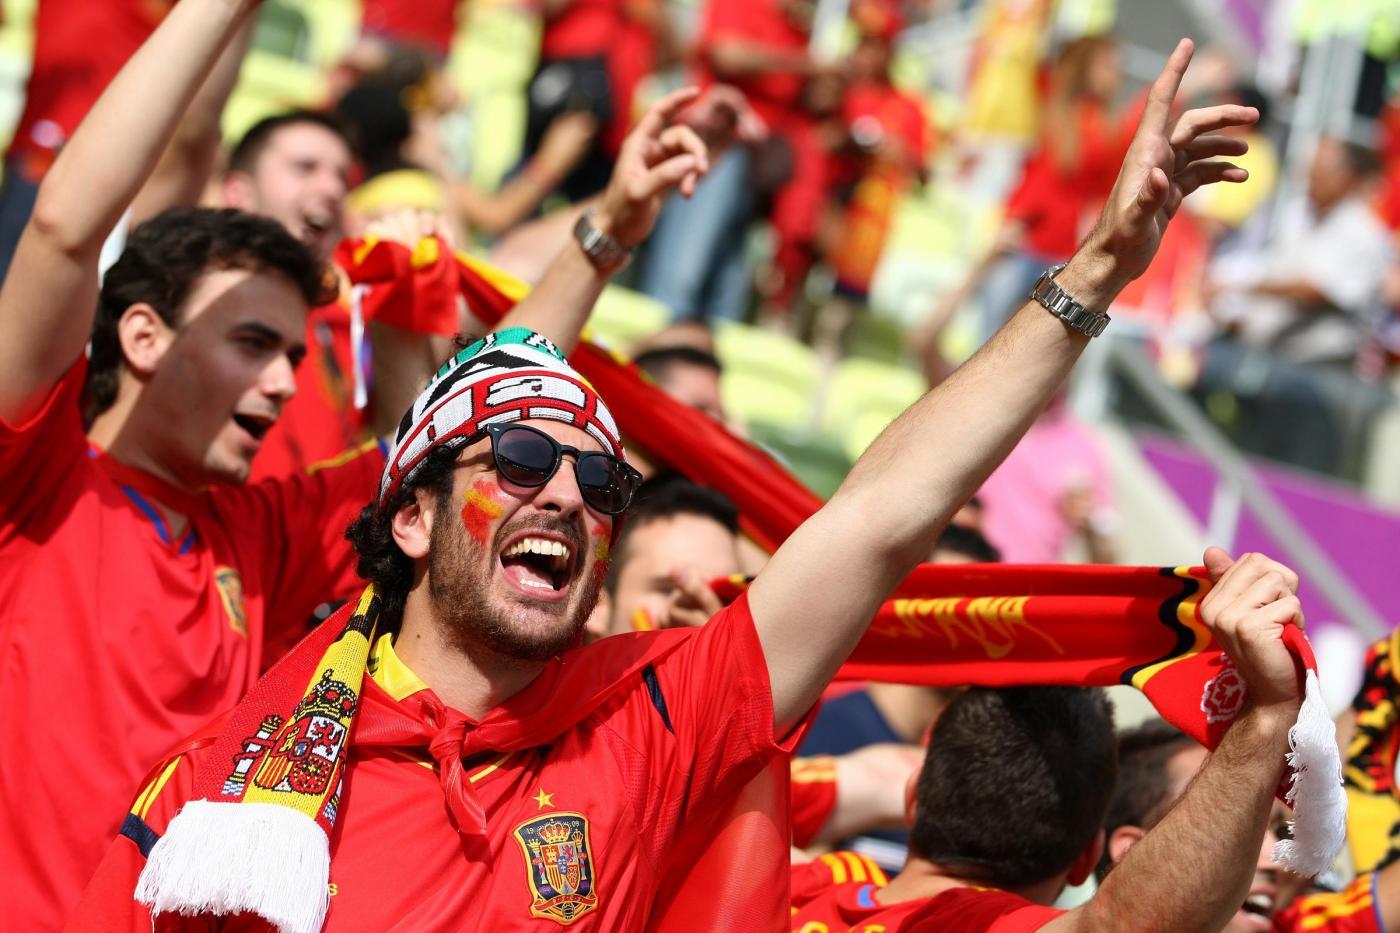 Copa del Rey, Calahorra-Castellon 12 settembre: analisi e pronostico della giornata dedicata ai 64esimi di finale della coppa spagnola